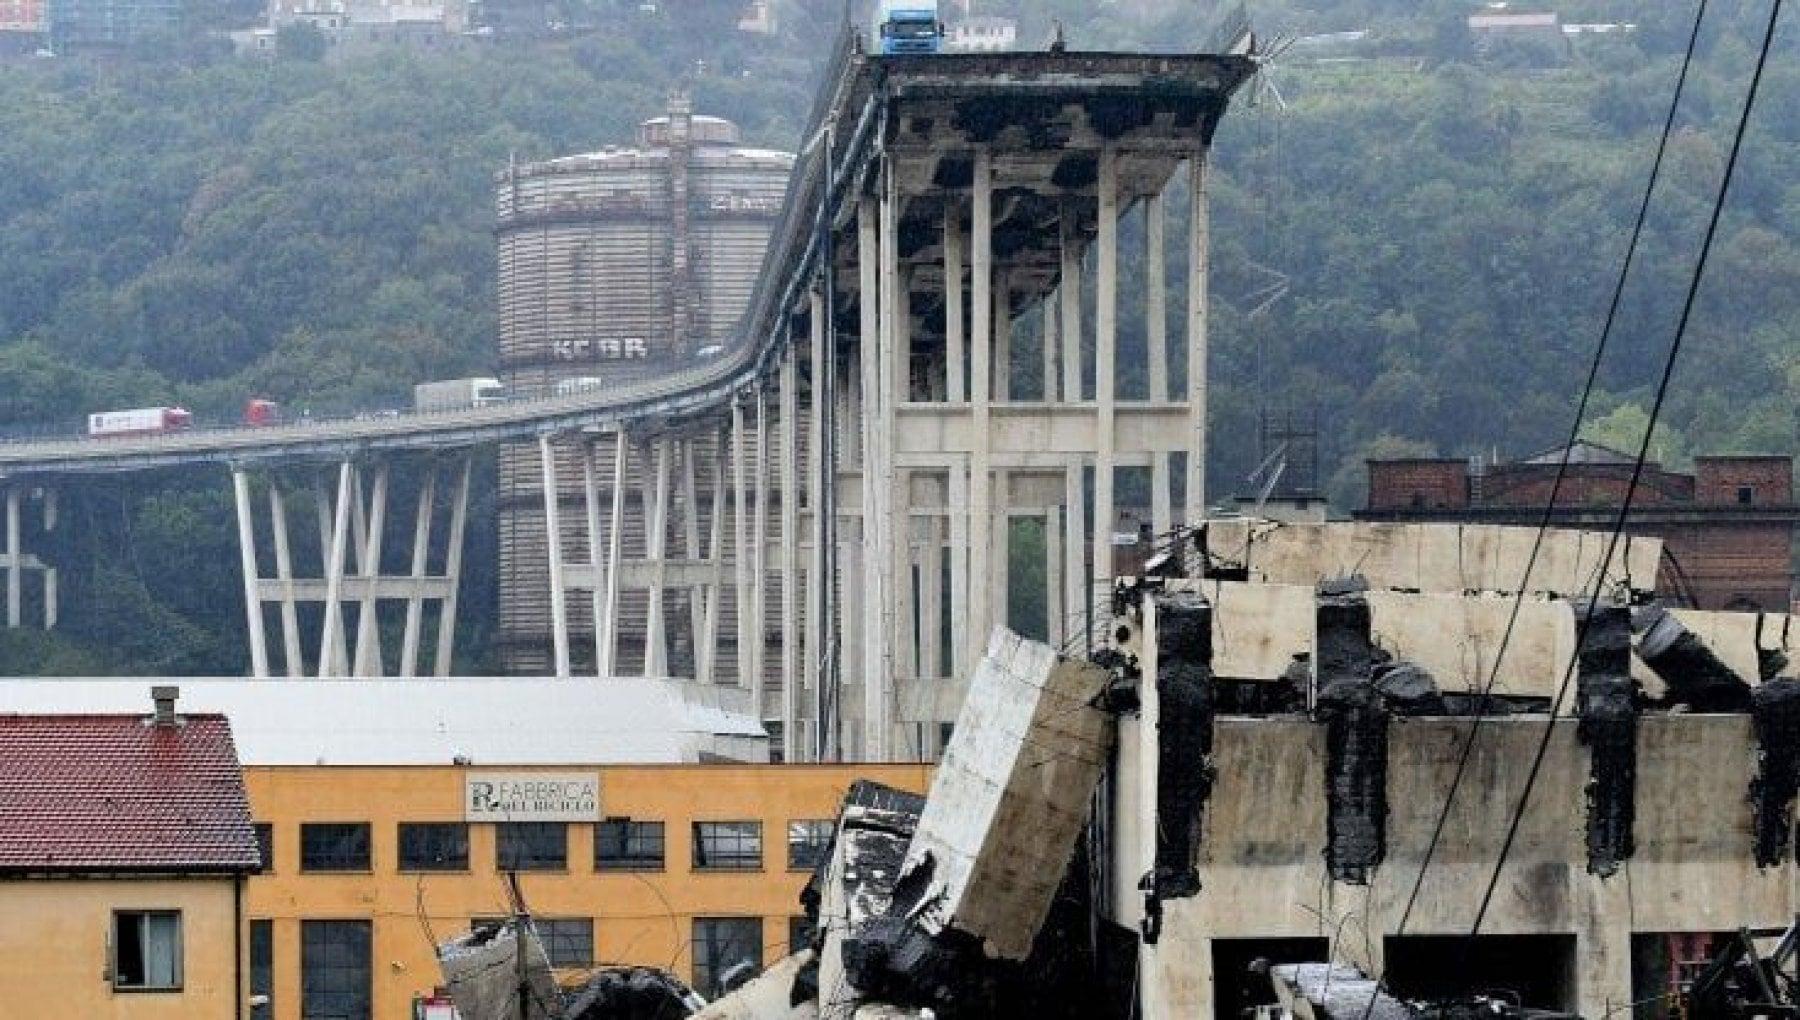 135840392 44715c48 efa8 44a2 8ed5 8ddc4515d7db - Ponte Morandi, un disegno di legge per estendere alle vittime dei disastri i benefici di quelle del terrorismo